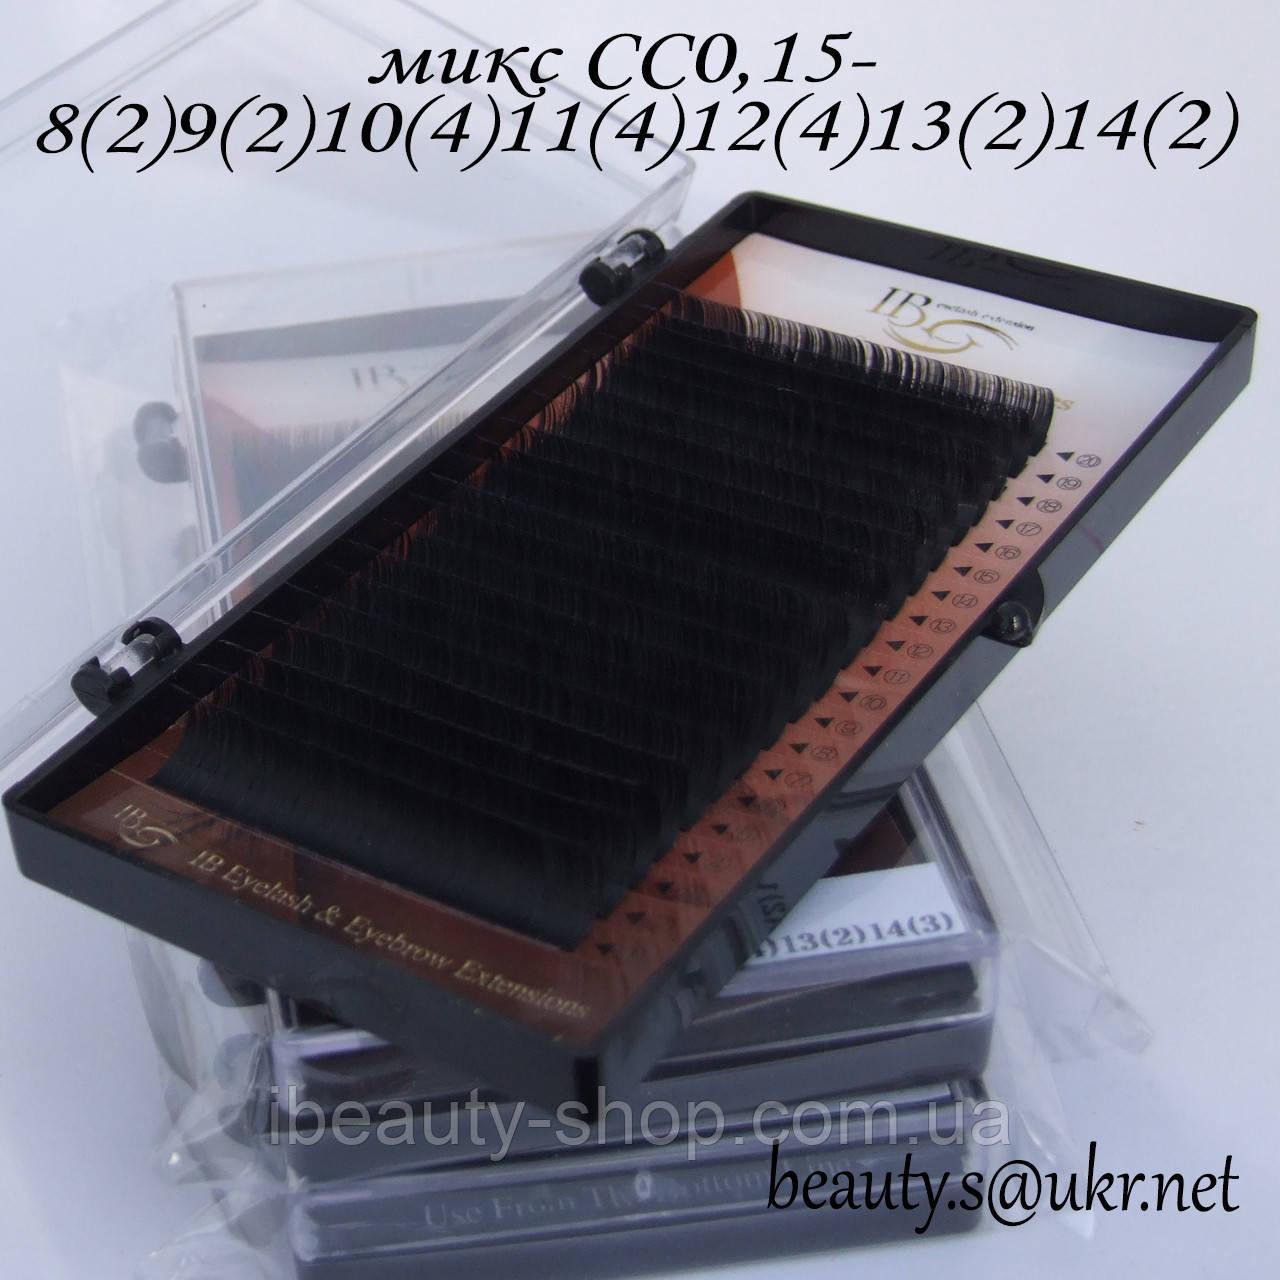 Ресницы I-Beauty микс СС-0,15 8-14мм